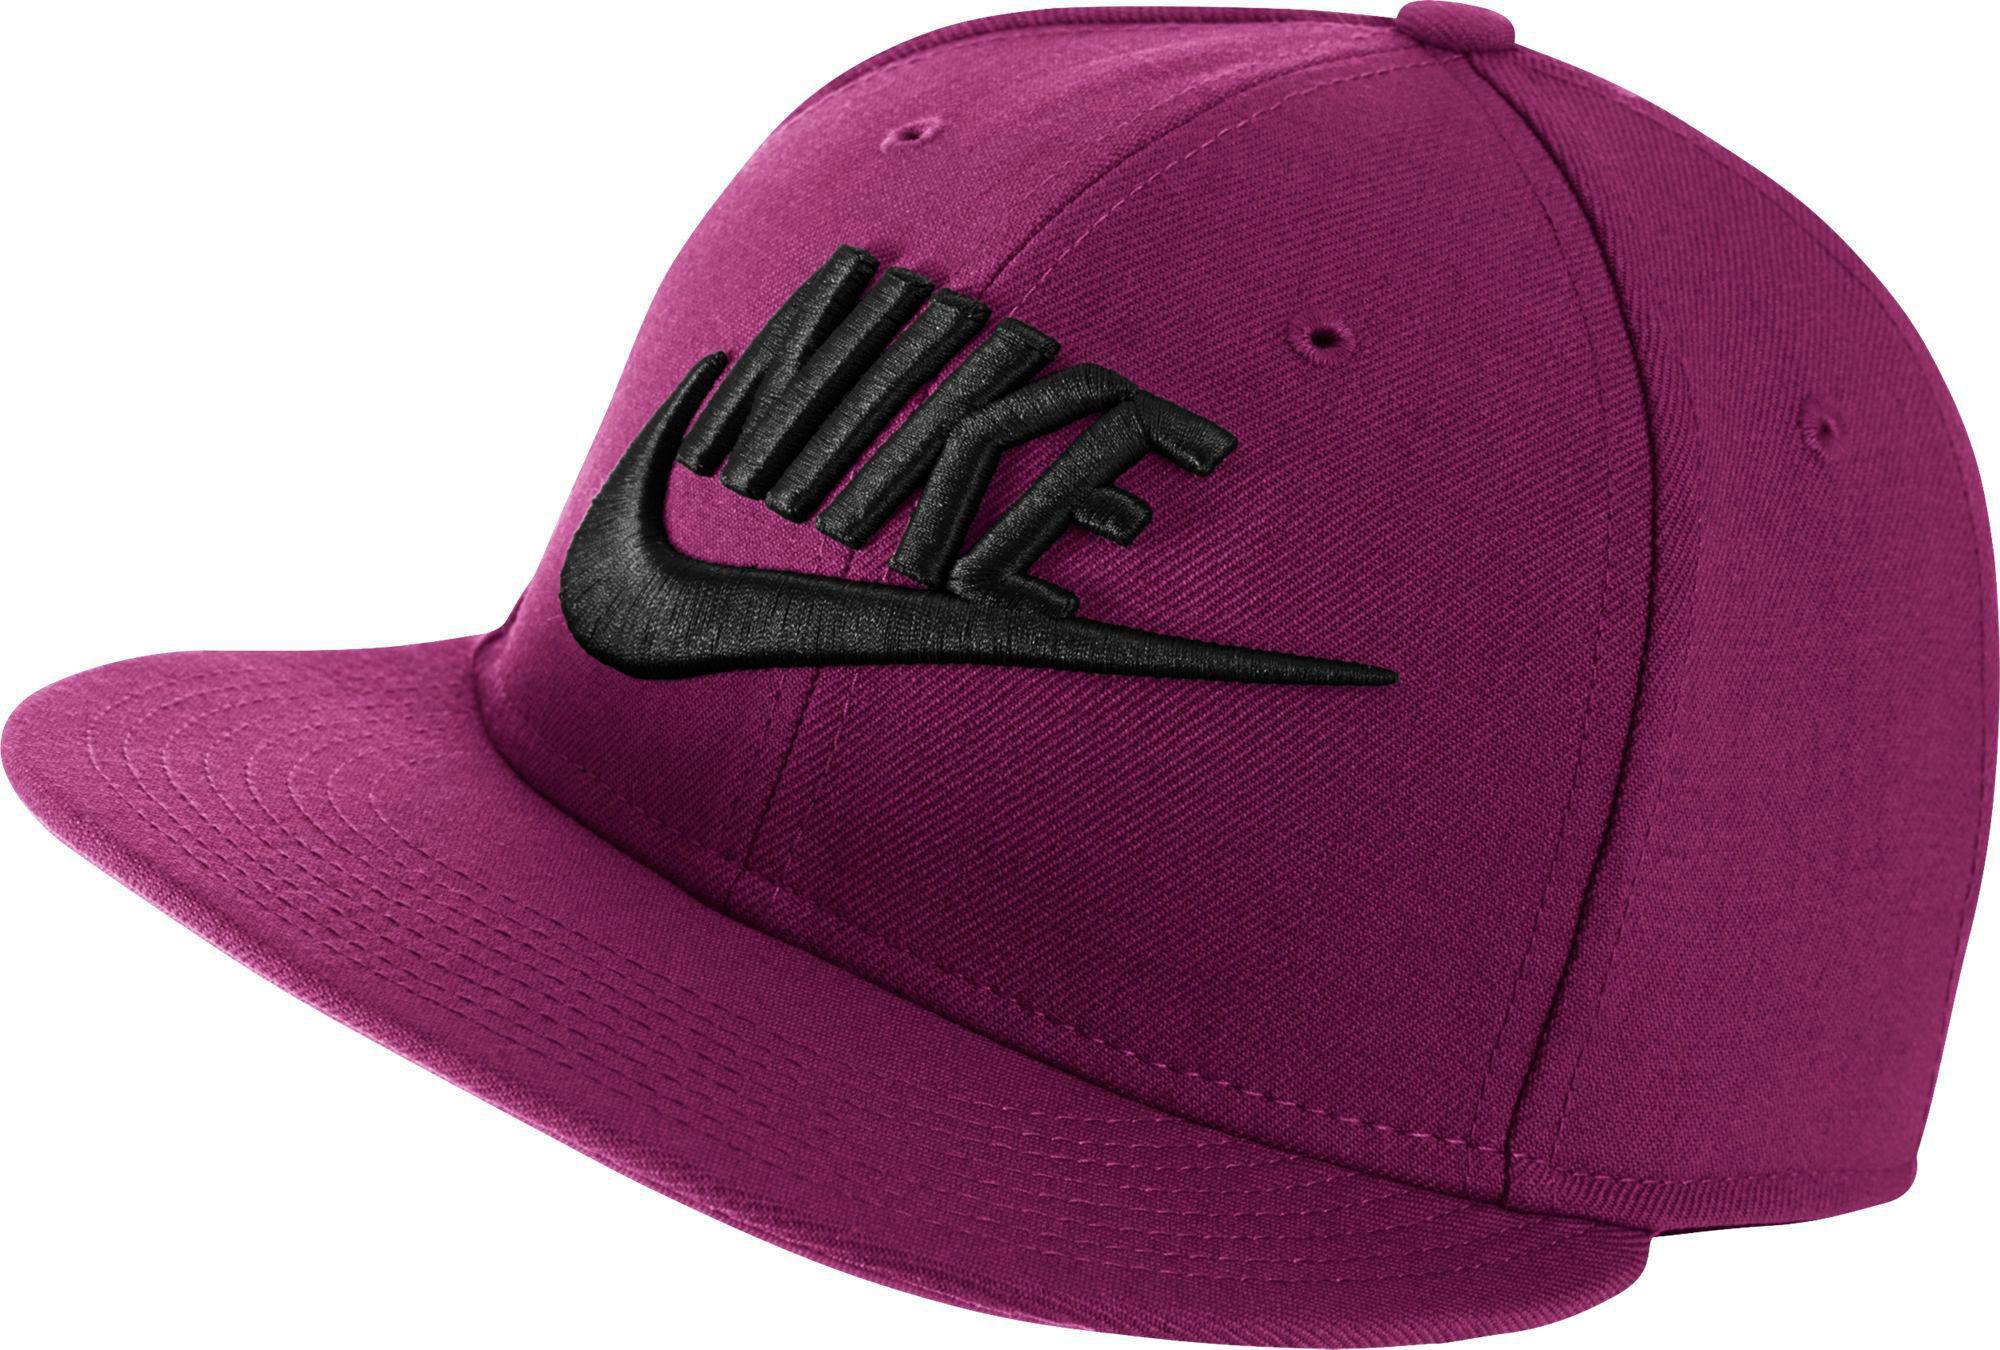 714d989a Nike Futura True 2 Snapback Hat in Purple for Men - Lyst